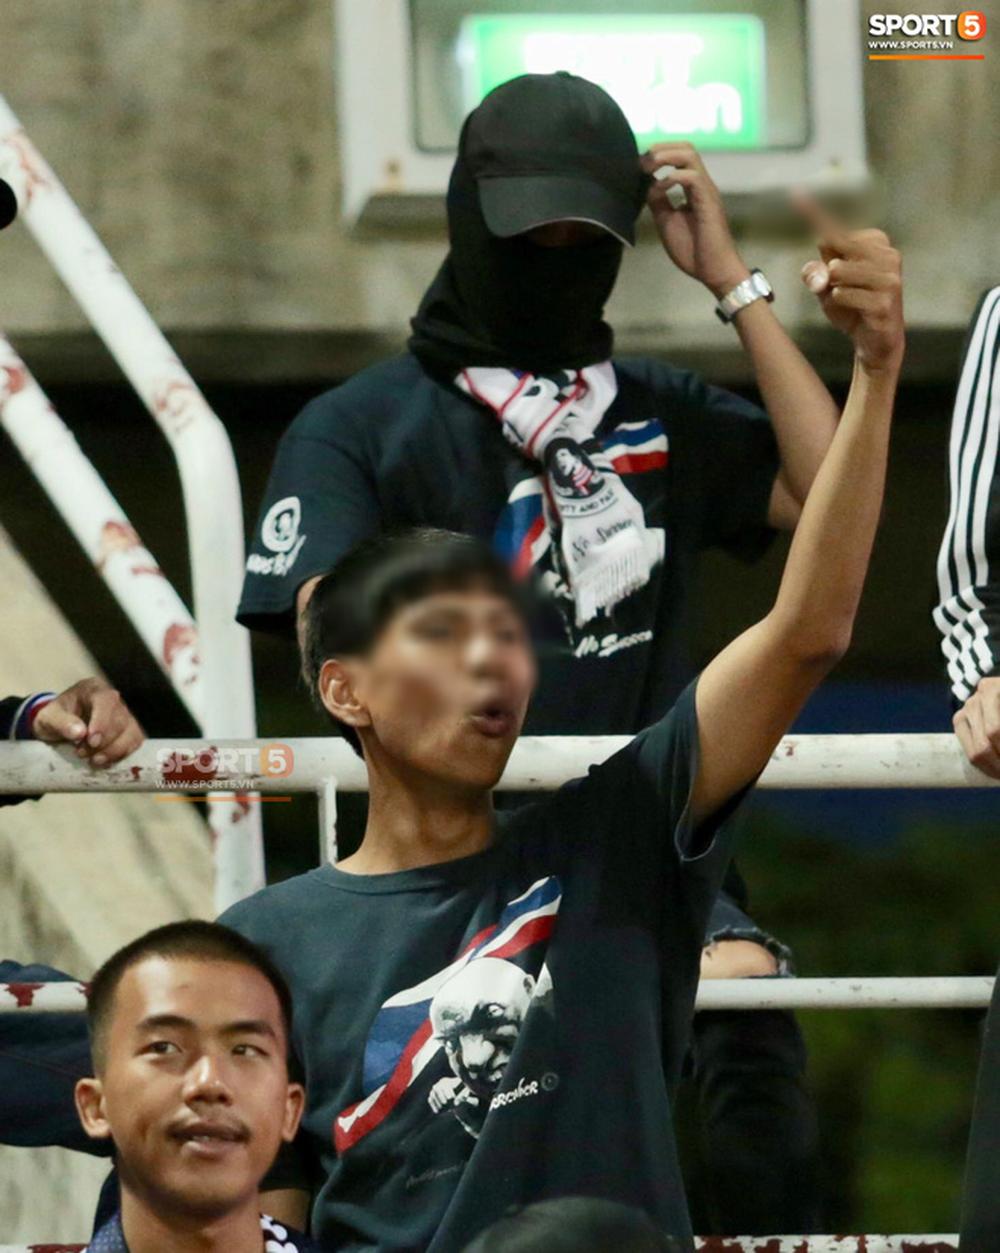 Fan Thái Lan có hành động xấu, giơ ngón tay thối trên khán đài khi nghe đọc tên HLV Park Hang-seo-4